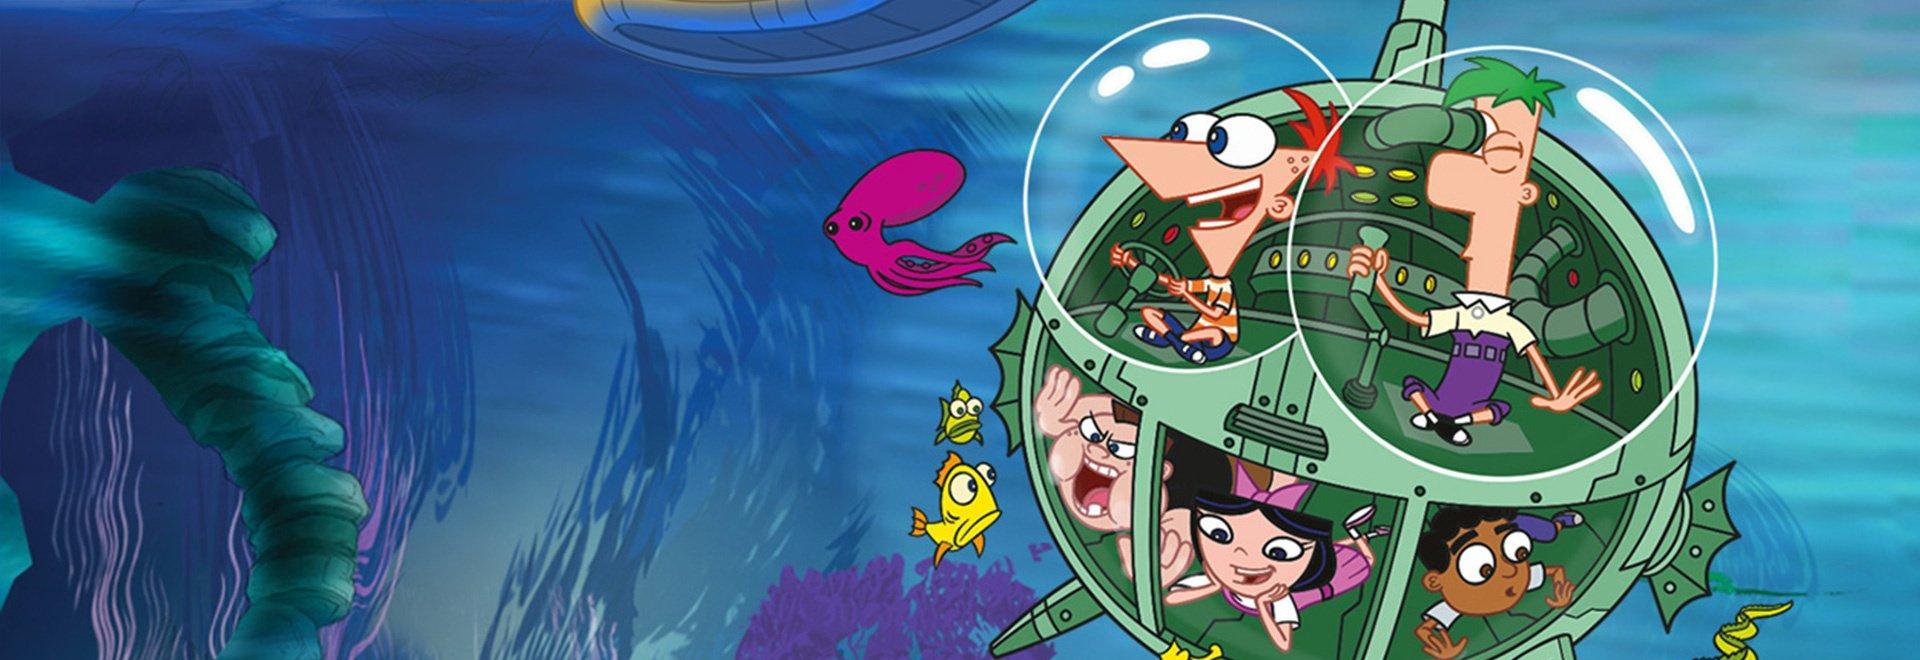 Phineas & Ferb: Salviamo l'estate. 1a parte